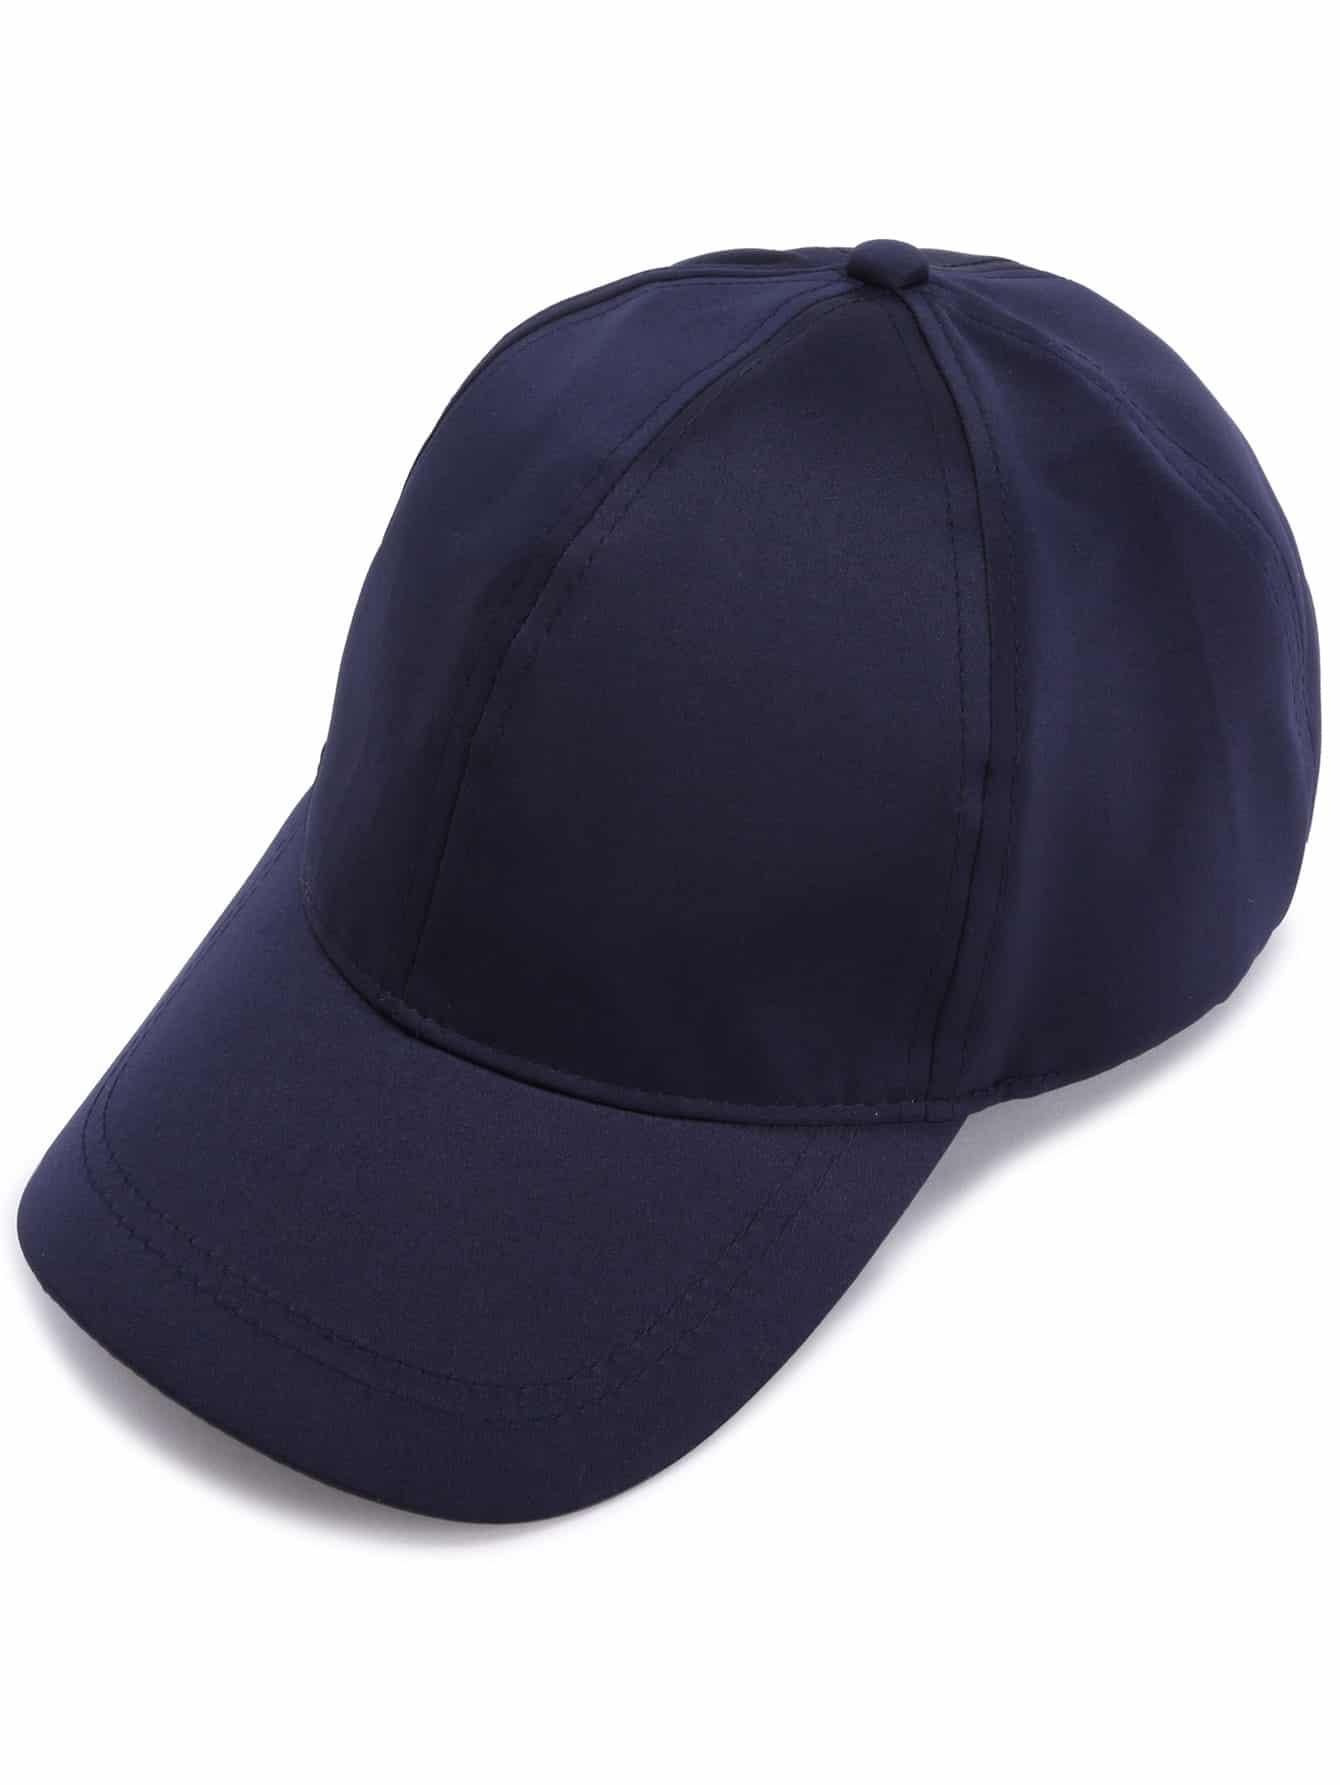 hat160926302_2